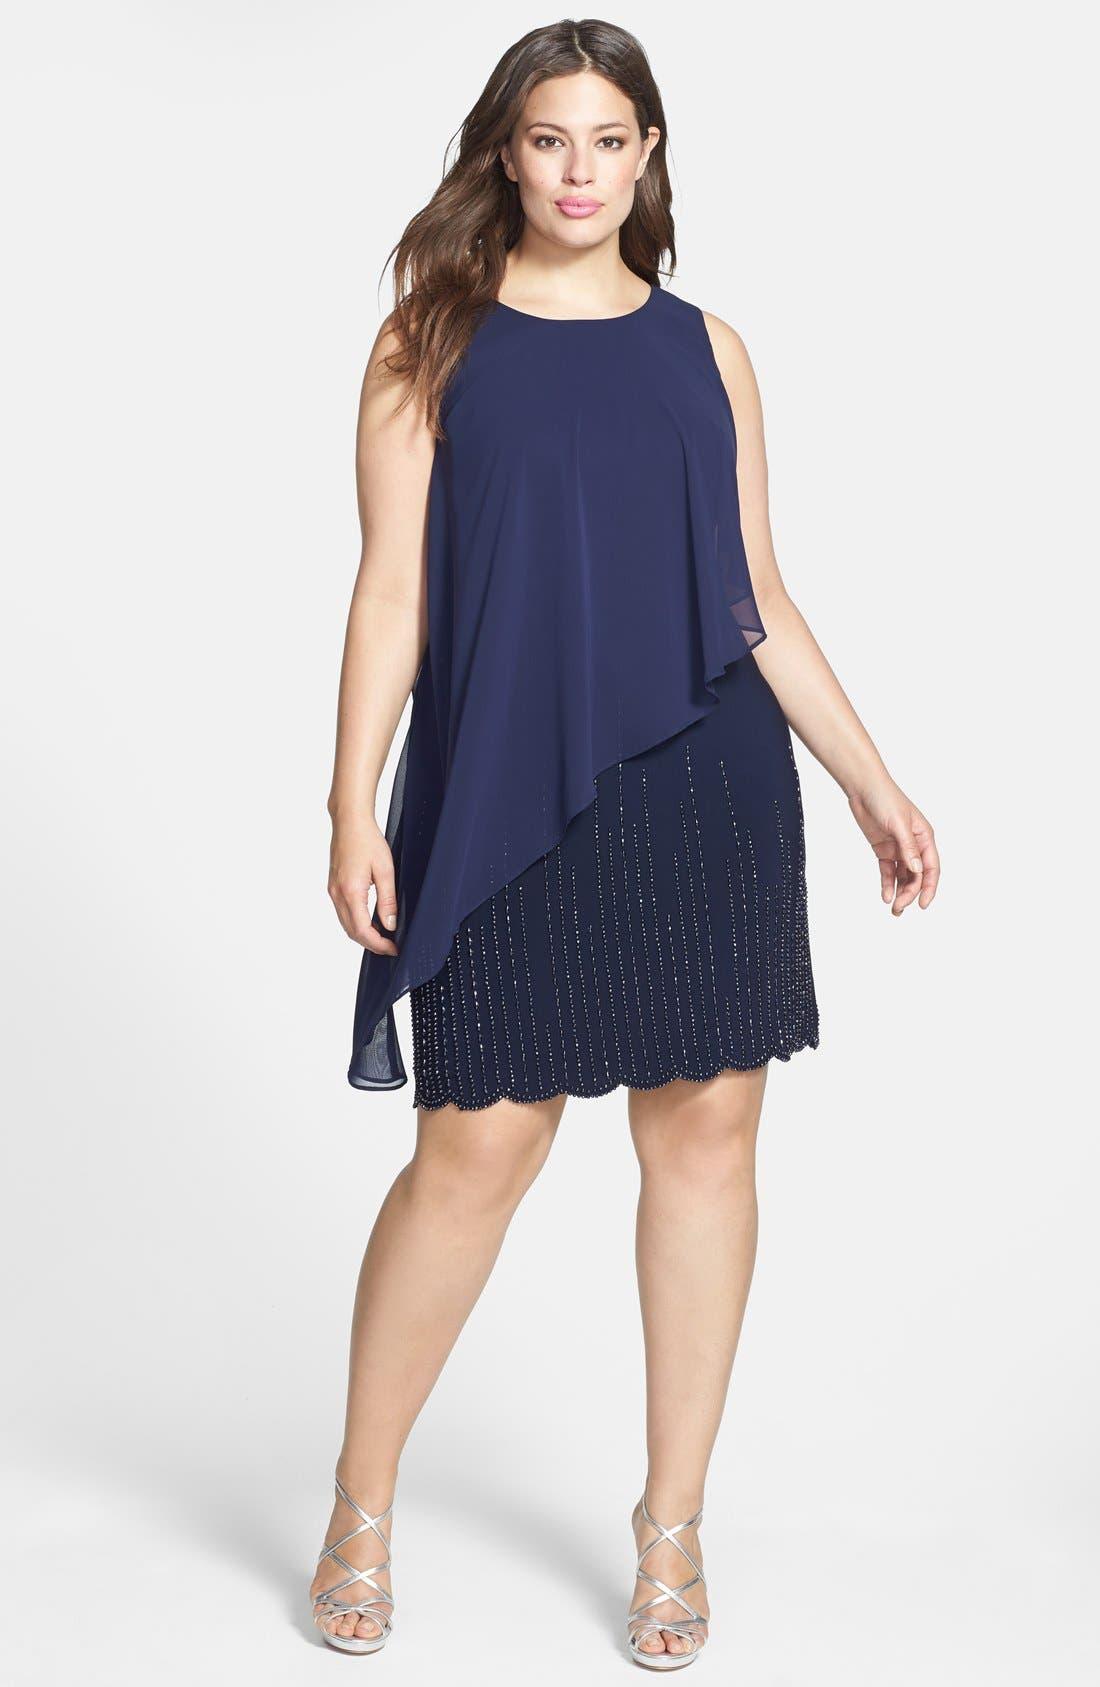 Alternate Image 1 Selected - Xscape Chiffon Overlay Beaded Hem Dress (Plus Size)